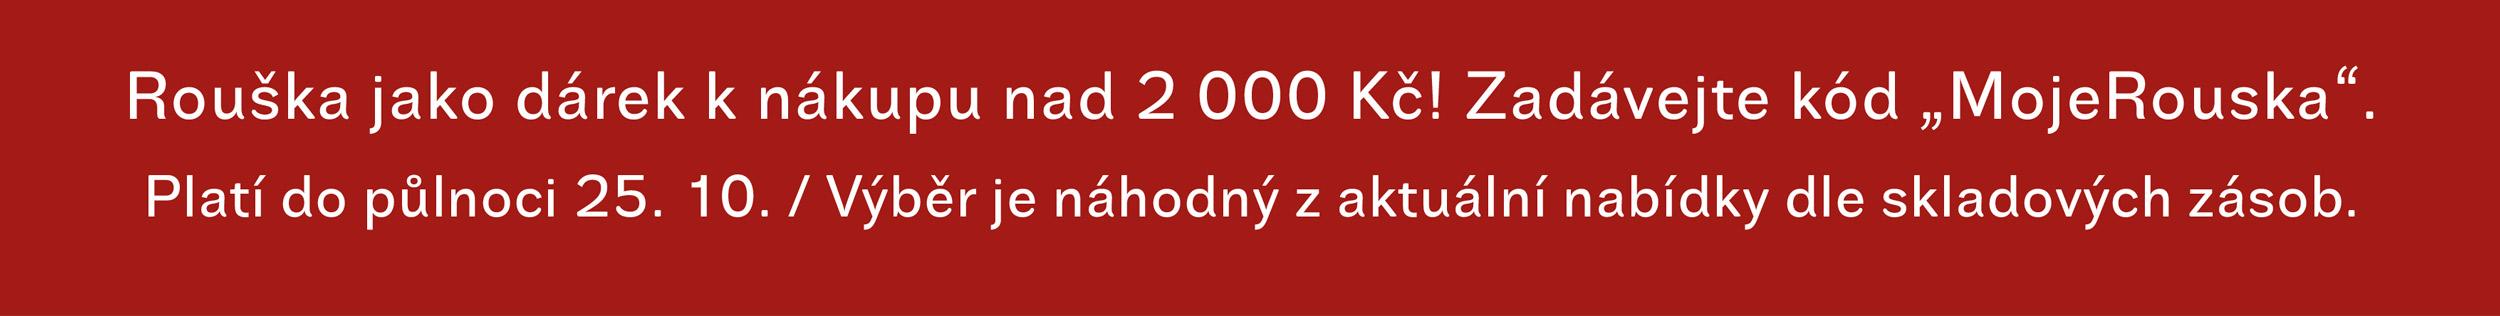 prouzek-banner-rousky_cerveny.jpg